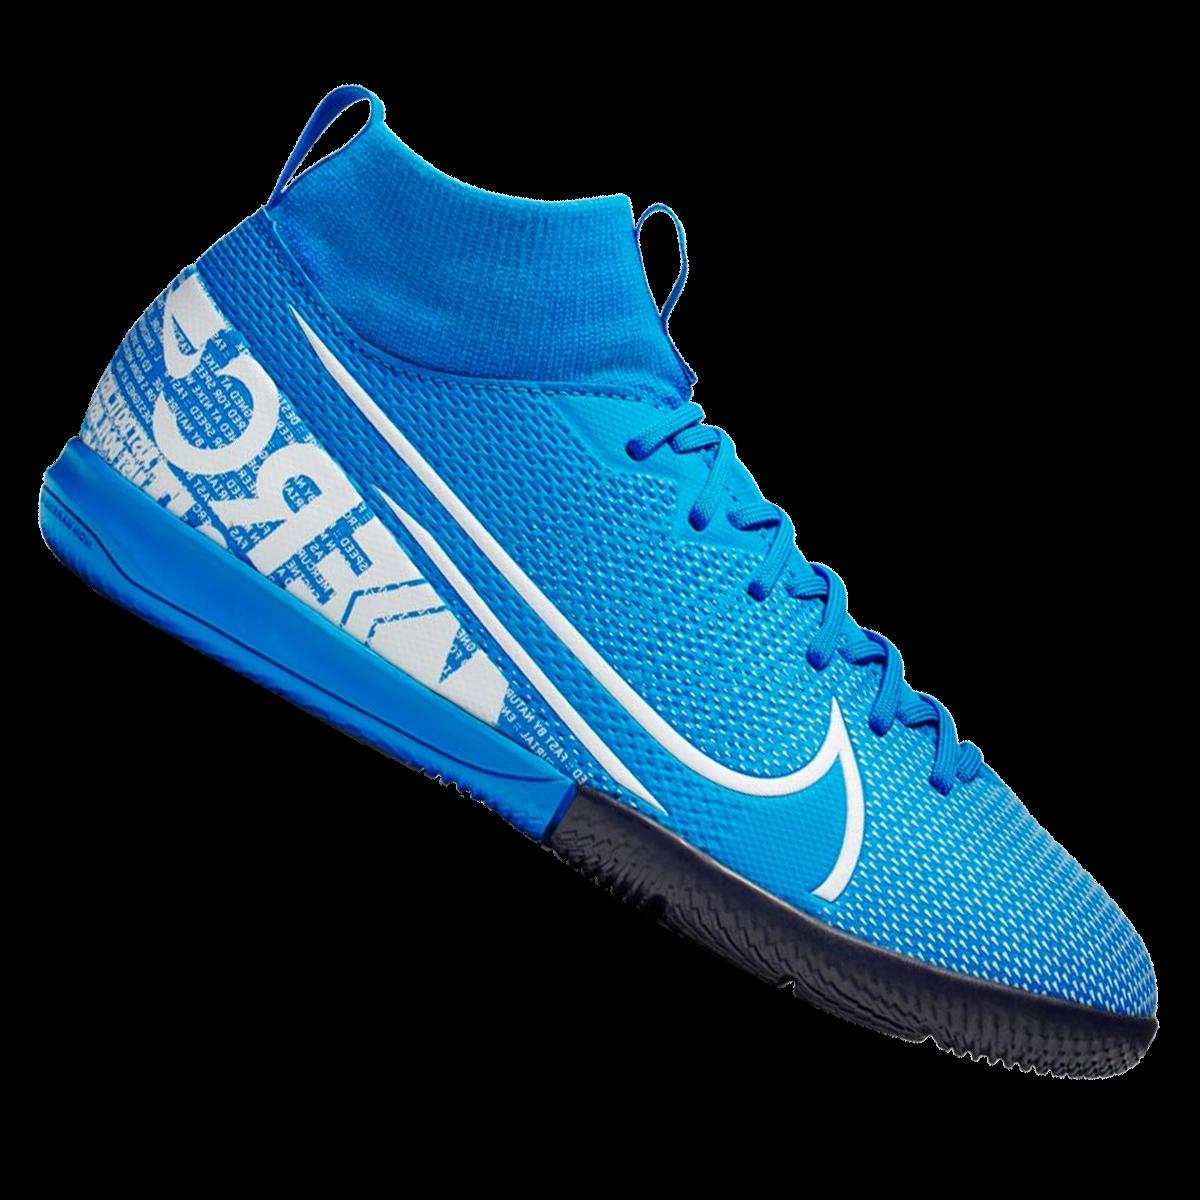 Nike Kinder Hallenschuh Mercurial Superfly Vii Jr Academy Ic Hellblau Weiss